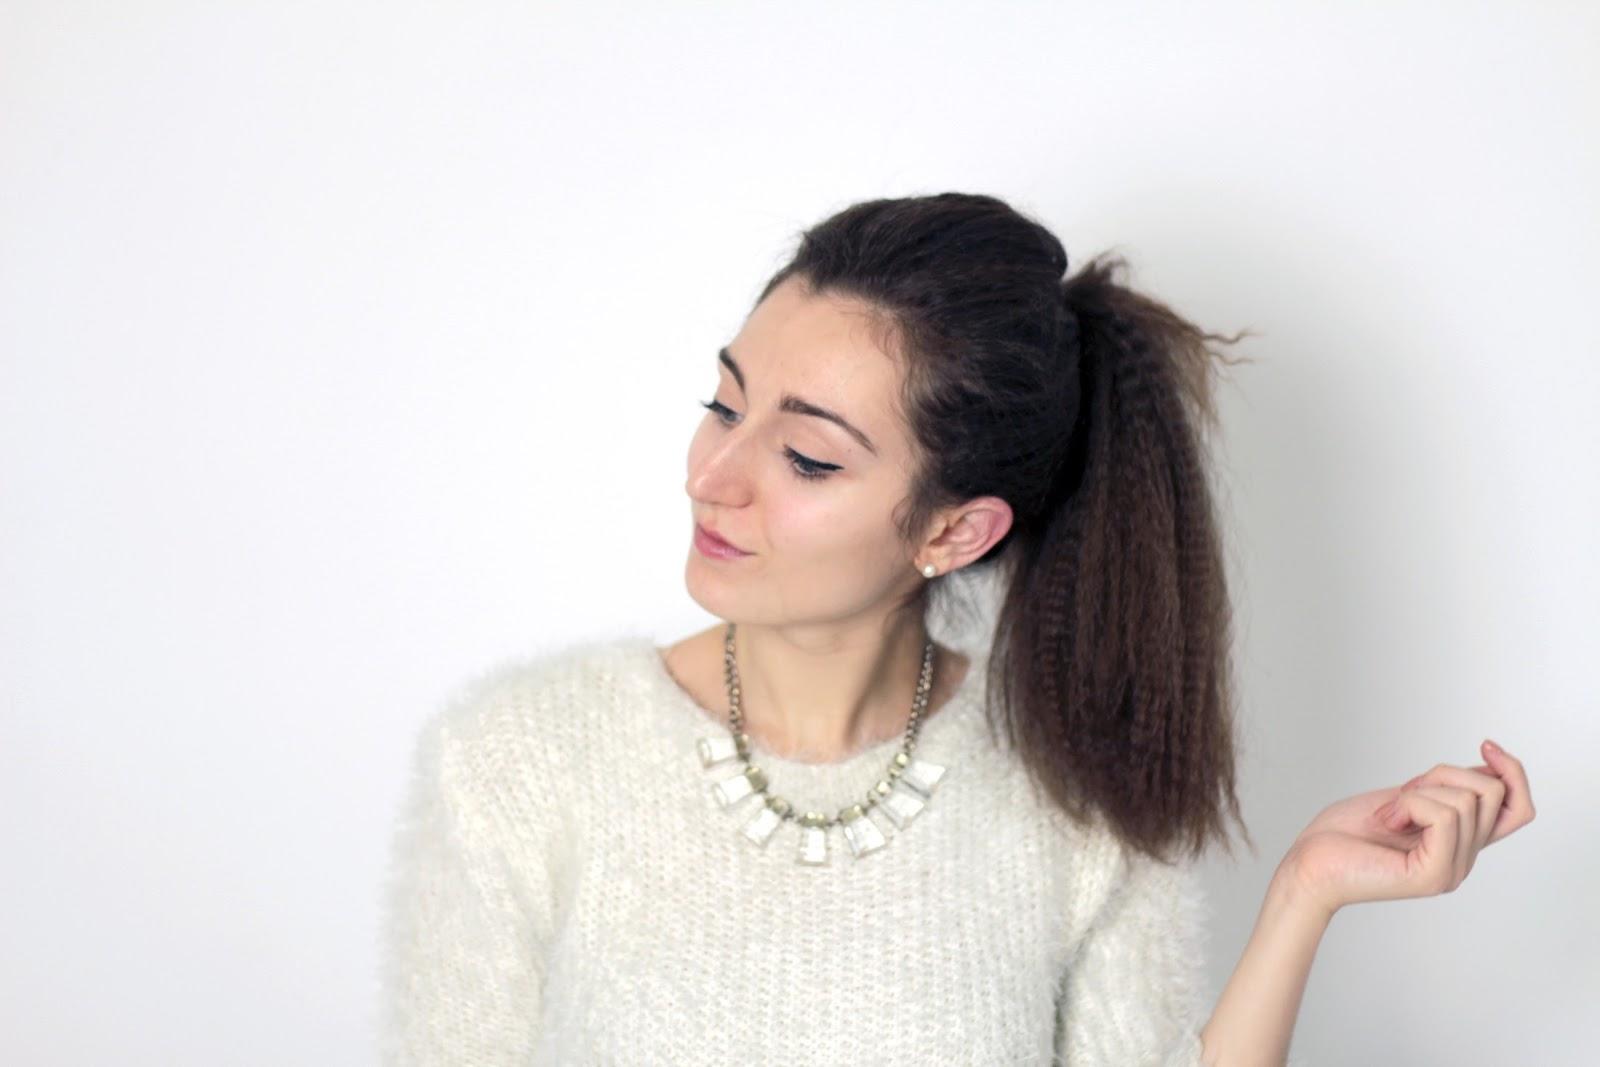 Tendenza Capelli 2017: Frisé perfetti con la piastra Bellissima Revolution + 3 acconciature!